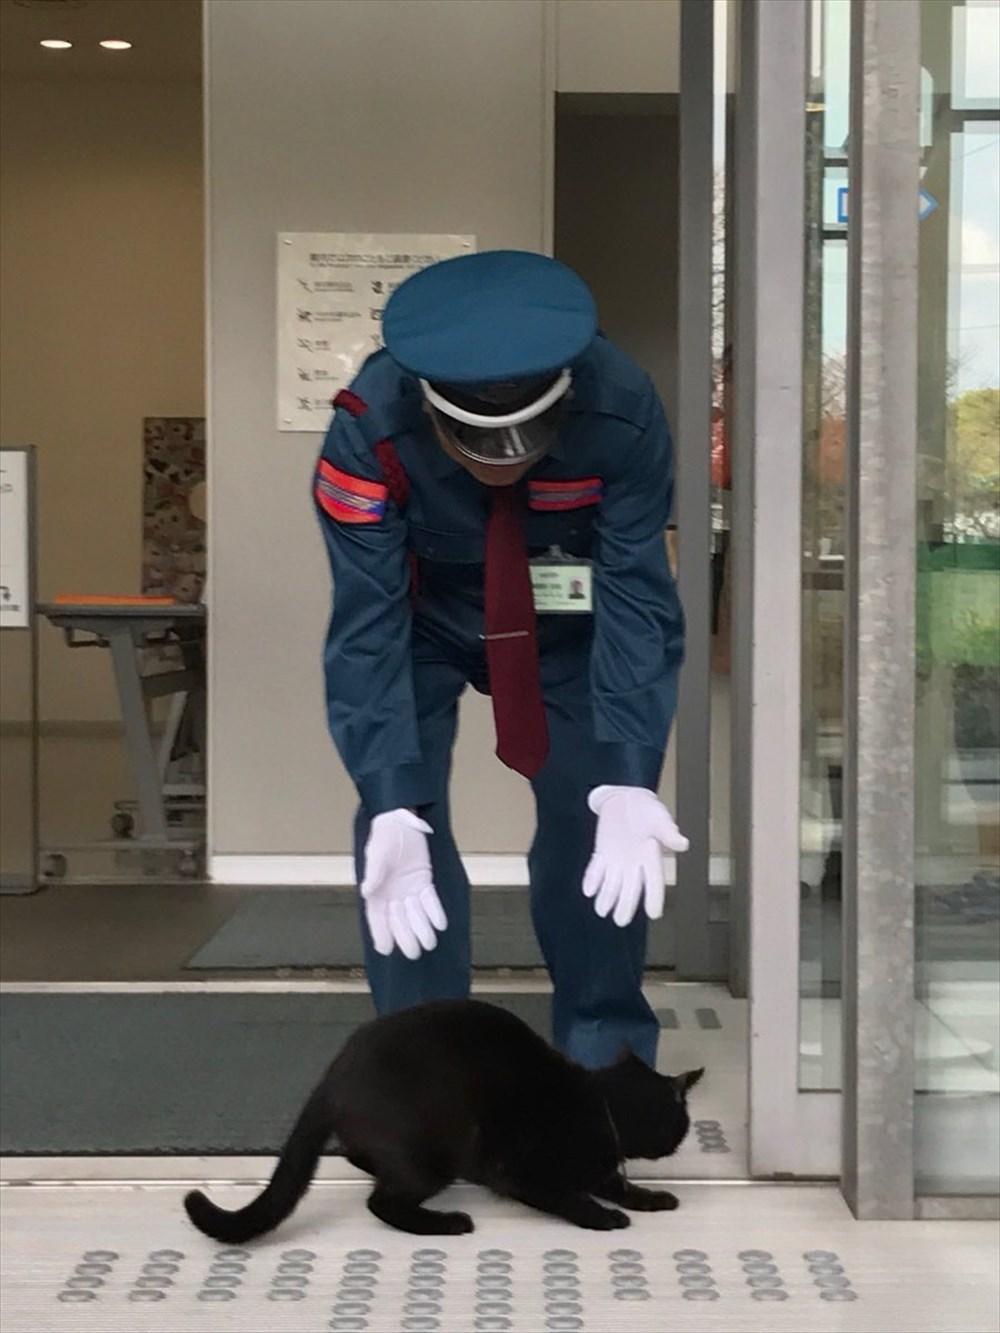 尾道市美術館に侵入を試みた黒猫と警備員さんの攻防戦にほっこり